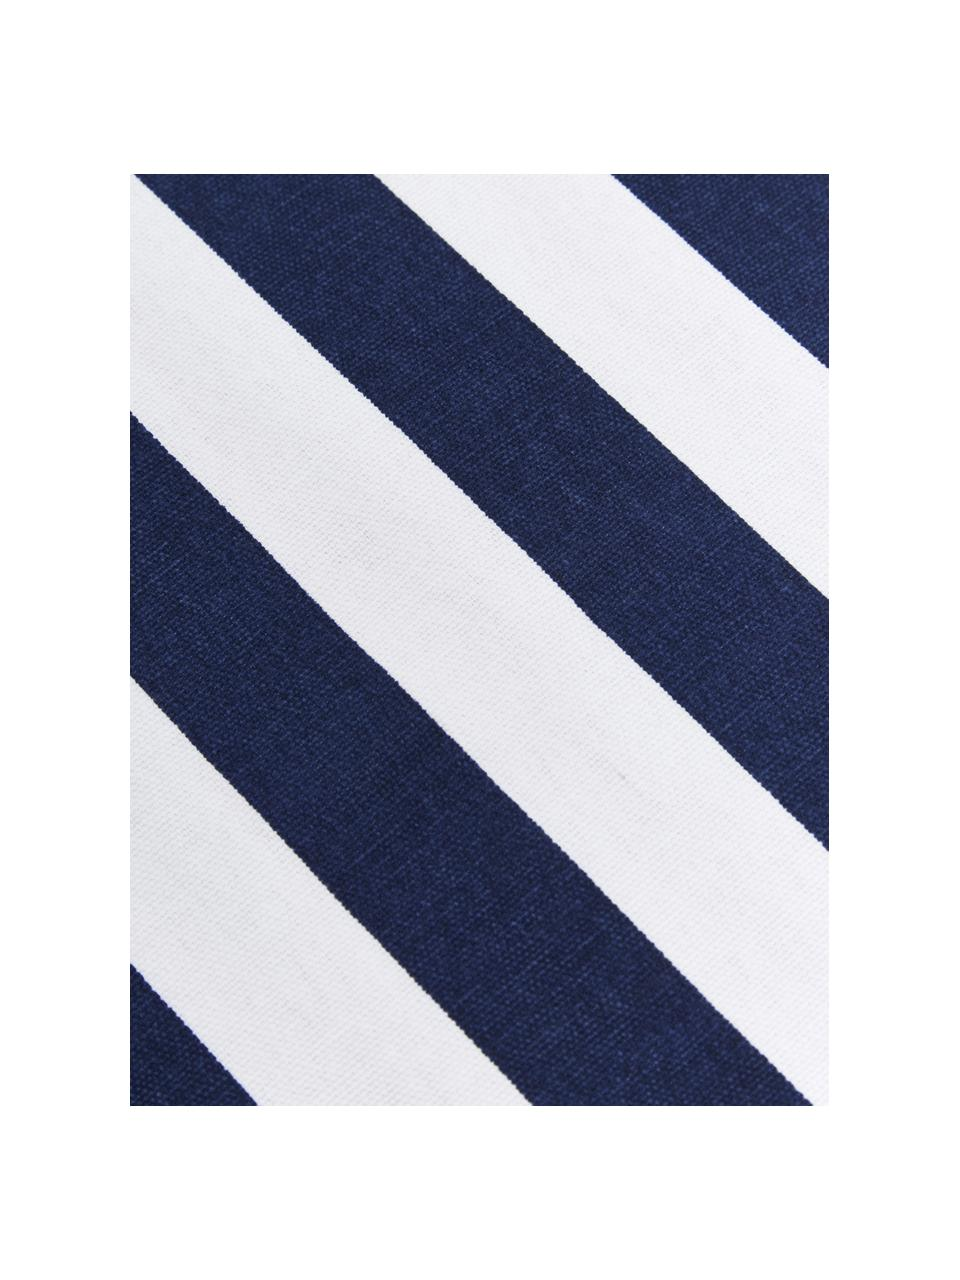 Federa arredo a righe color blu scuro/bianco Timon, 100% cotone, Blu scuro, bianco, Larg. 50 x Lung. 50 cm